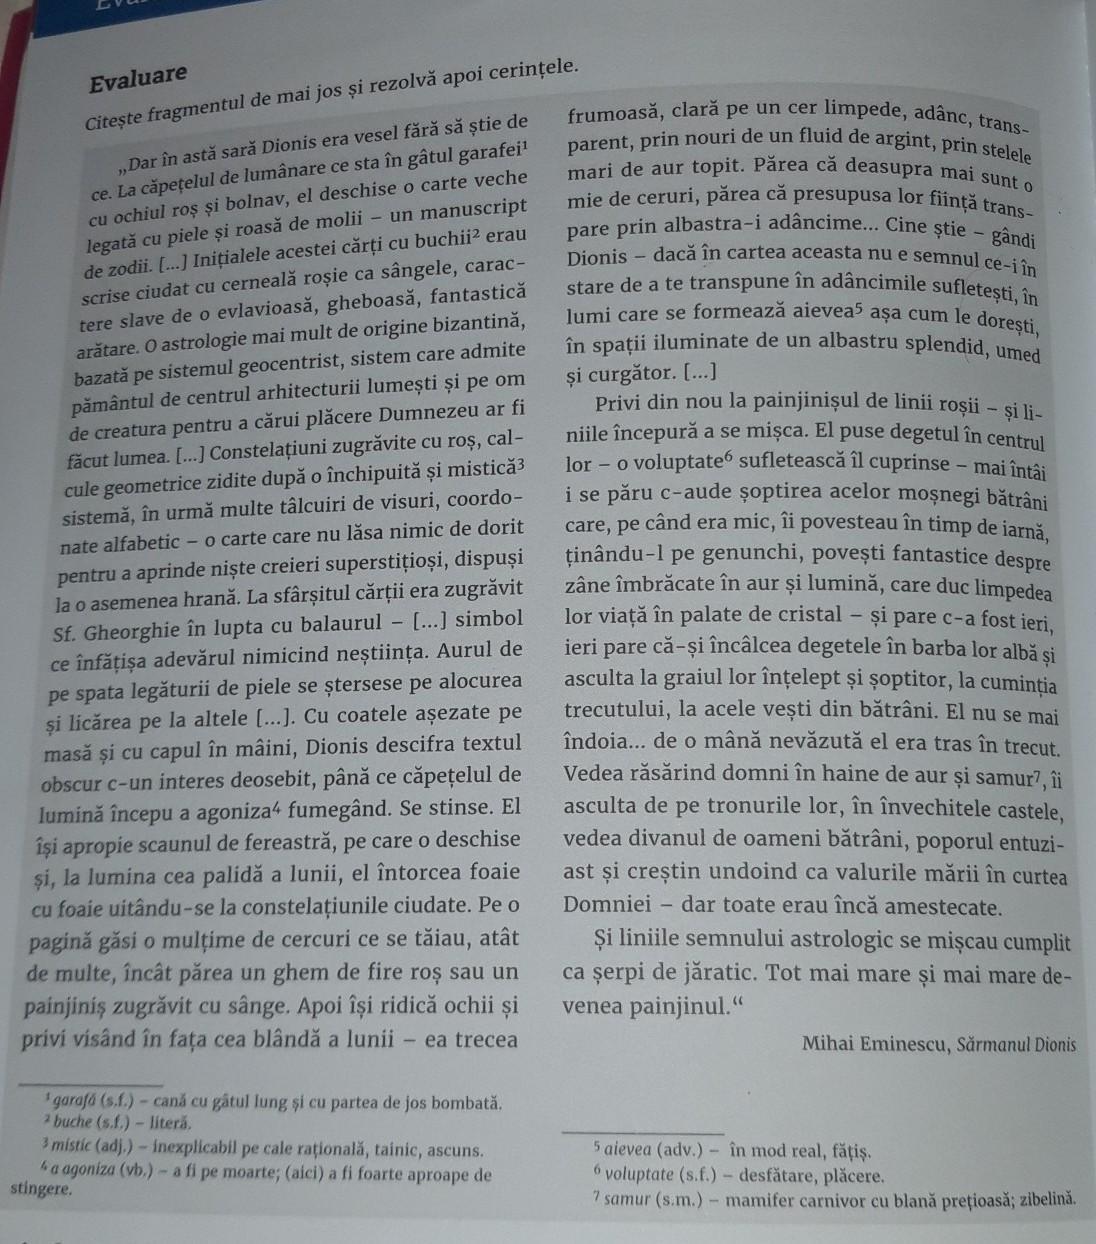 Descrierea conţine expert în sport glucozamină condroitină